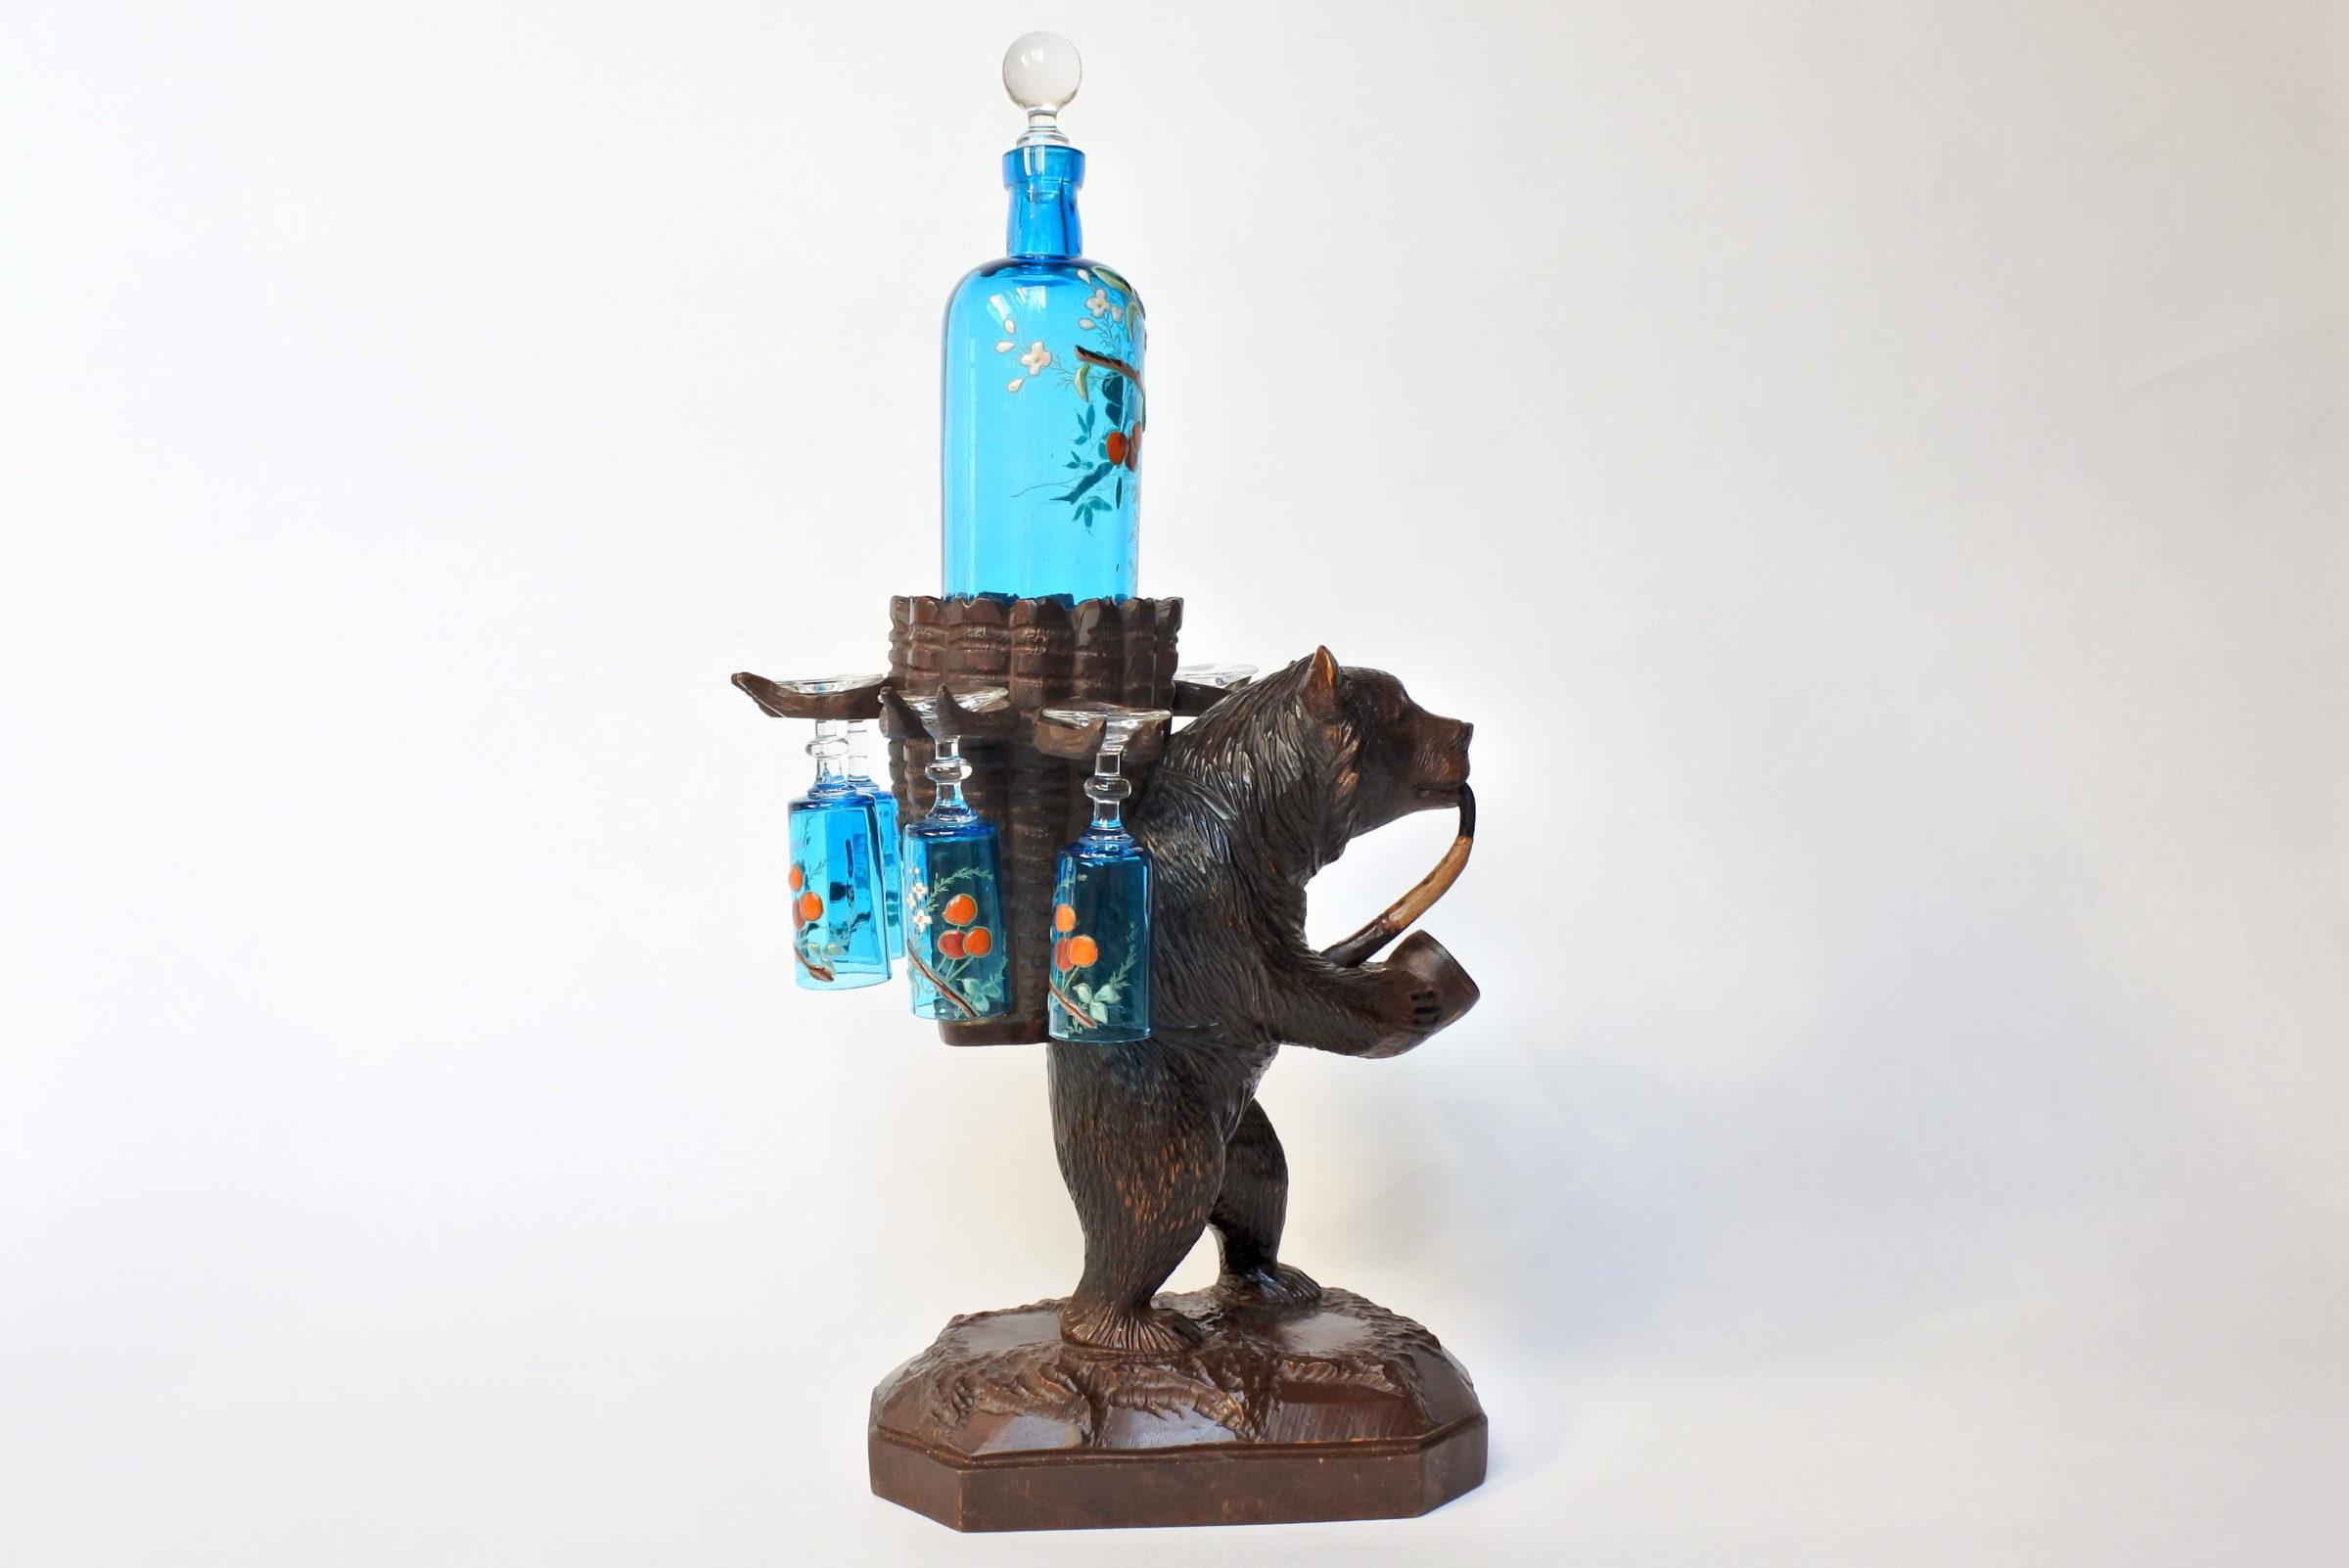 Orso in legno scolpito foresta nera con funzione di portabottiglia e bicchierini - 4